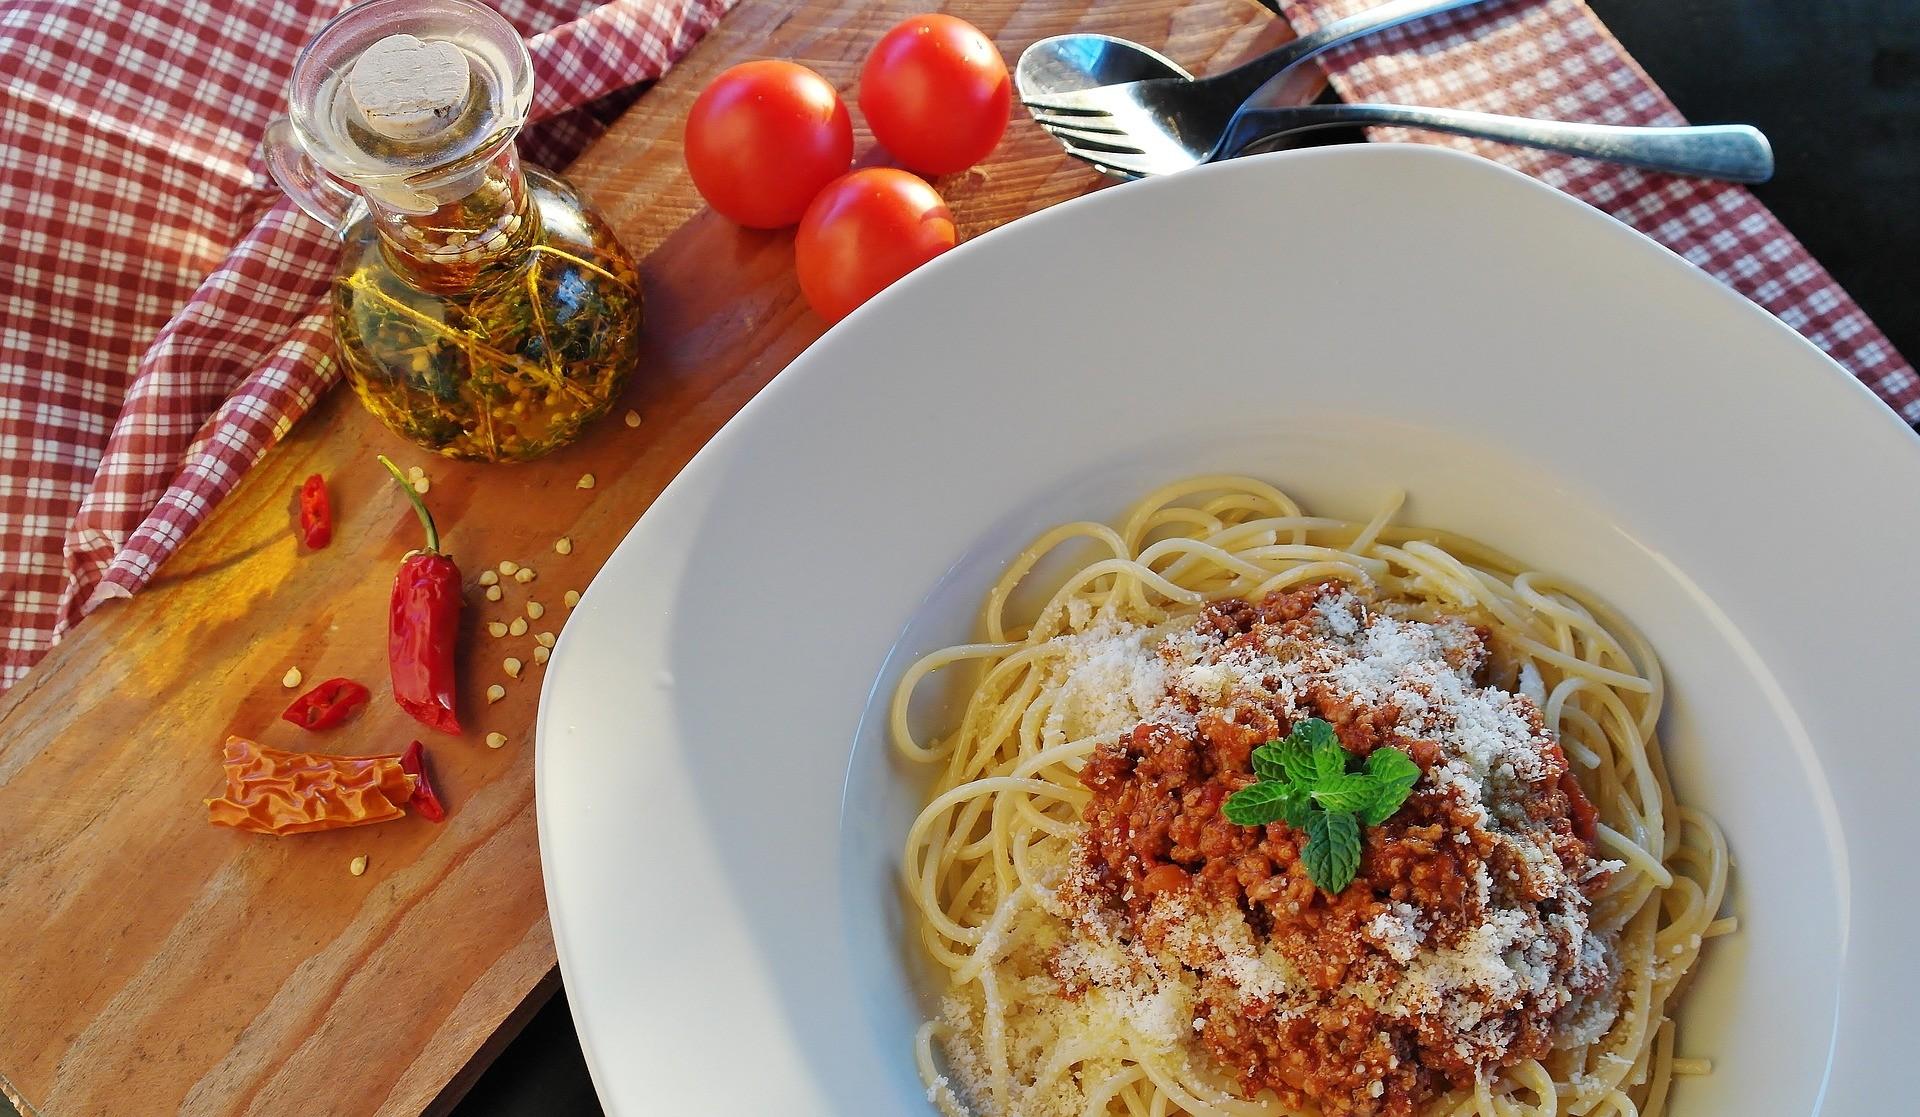 ▲西餐(義大利麵)。(圖/取自免費圖庫pixabay)